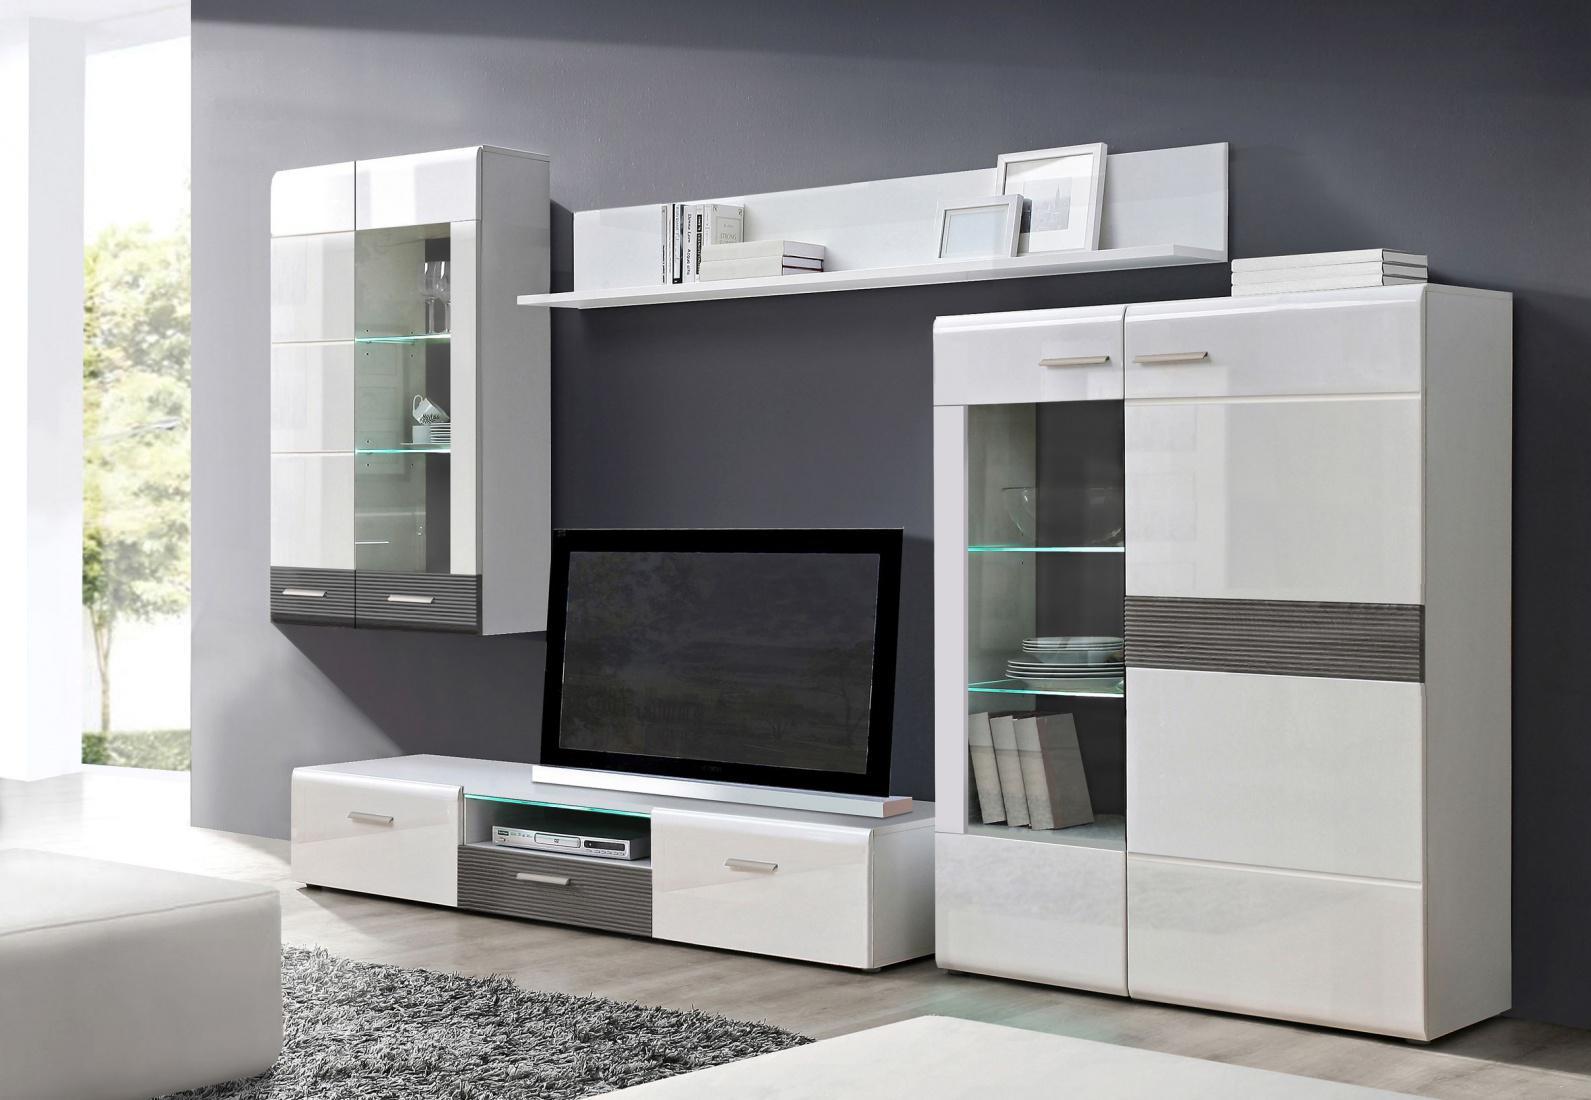 wohnwand wei grau bestseller shop f r m bel und einrichtungen. Black Bedroom Furniture Sets. Home Design Ideas